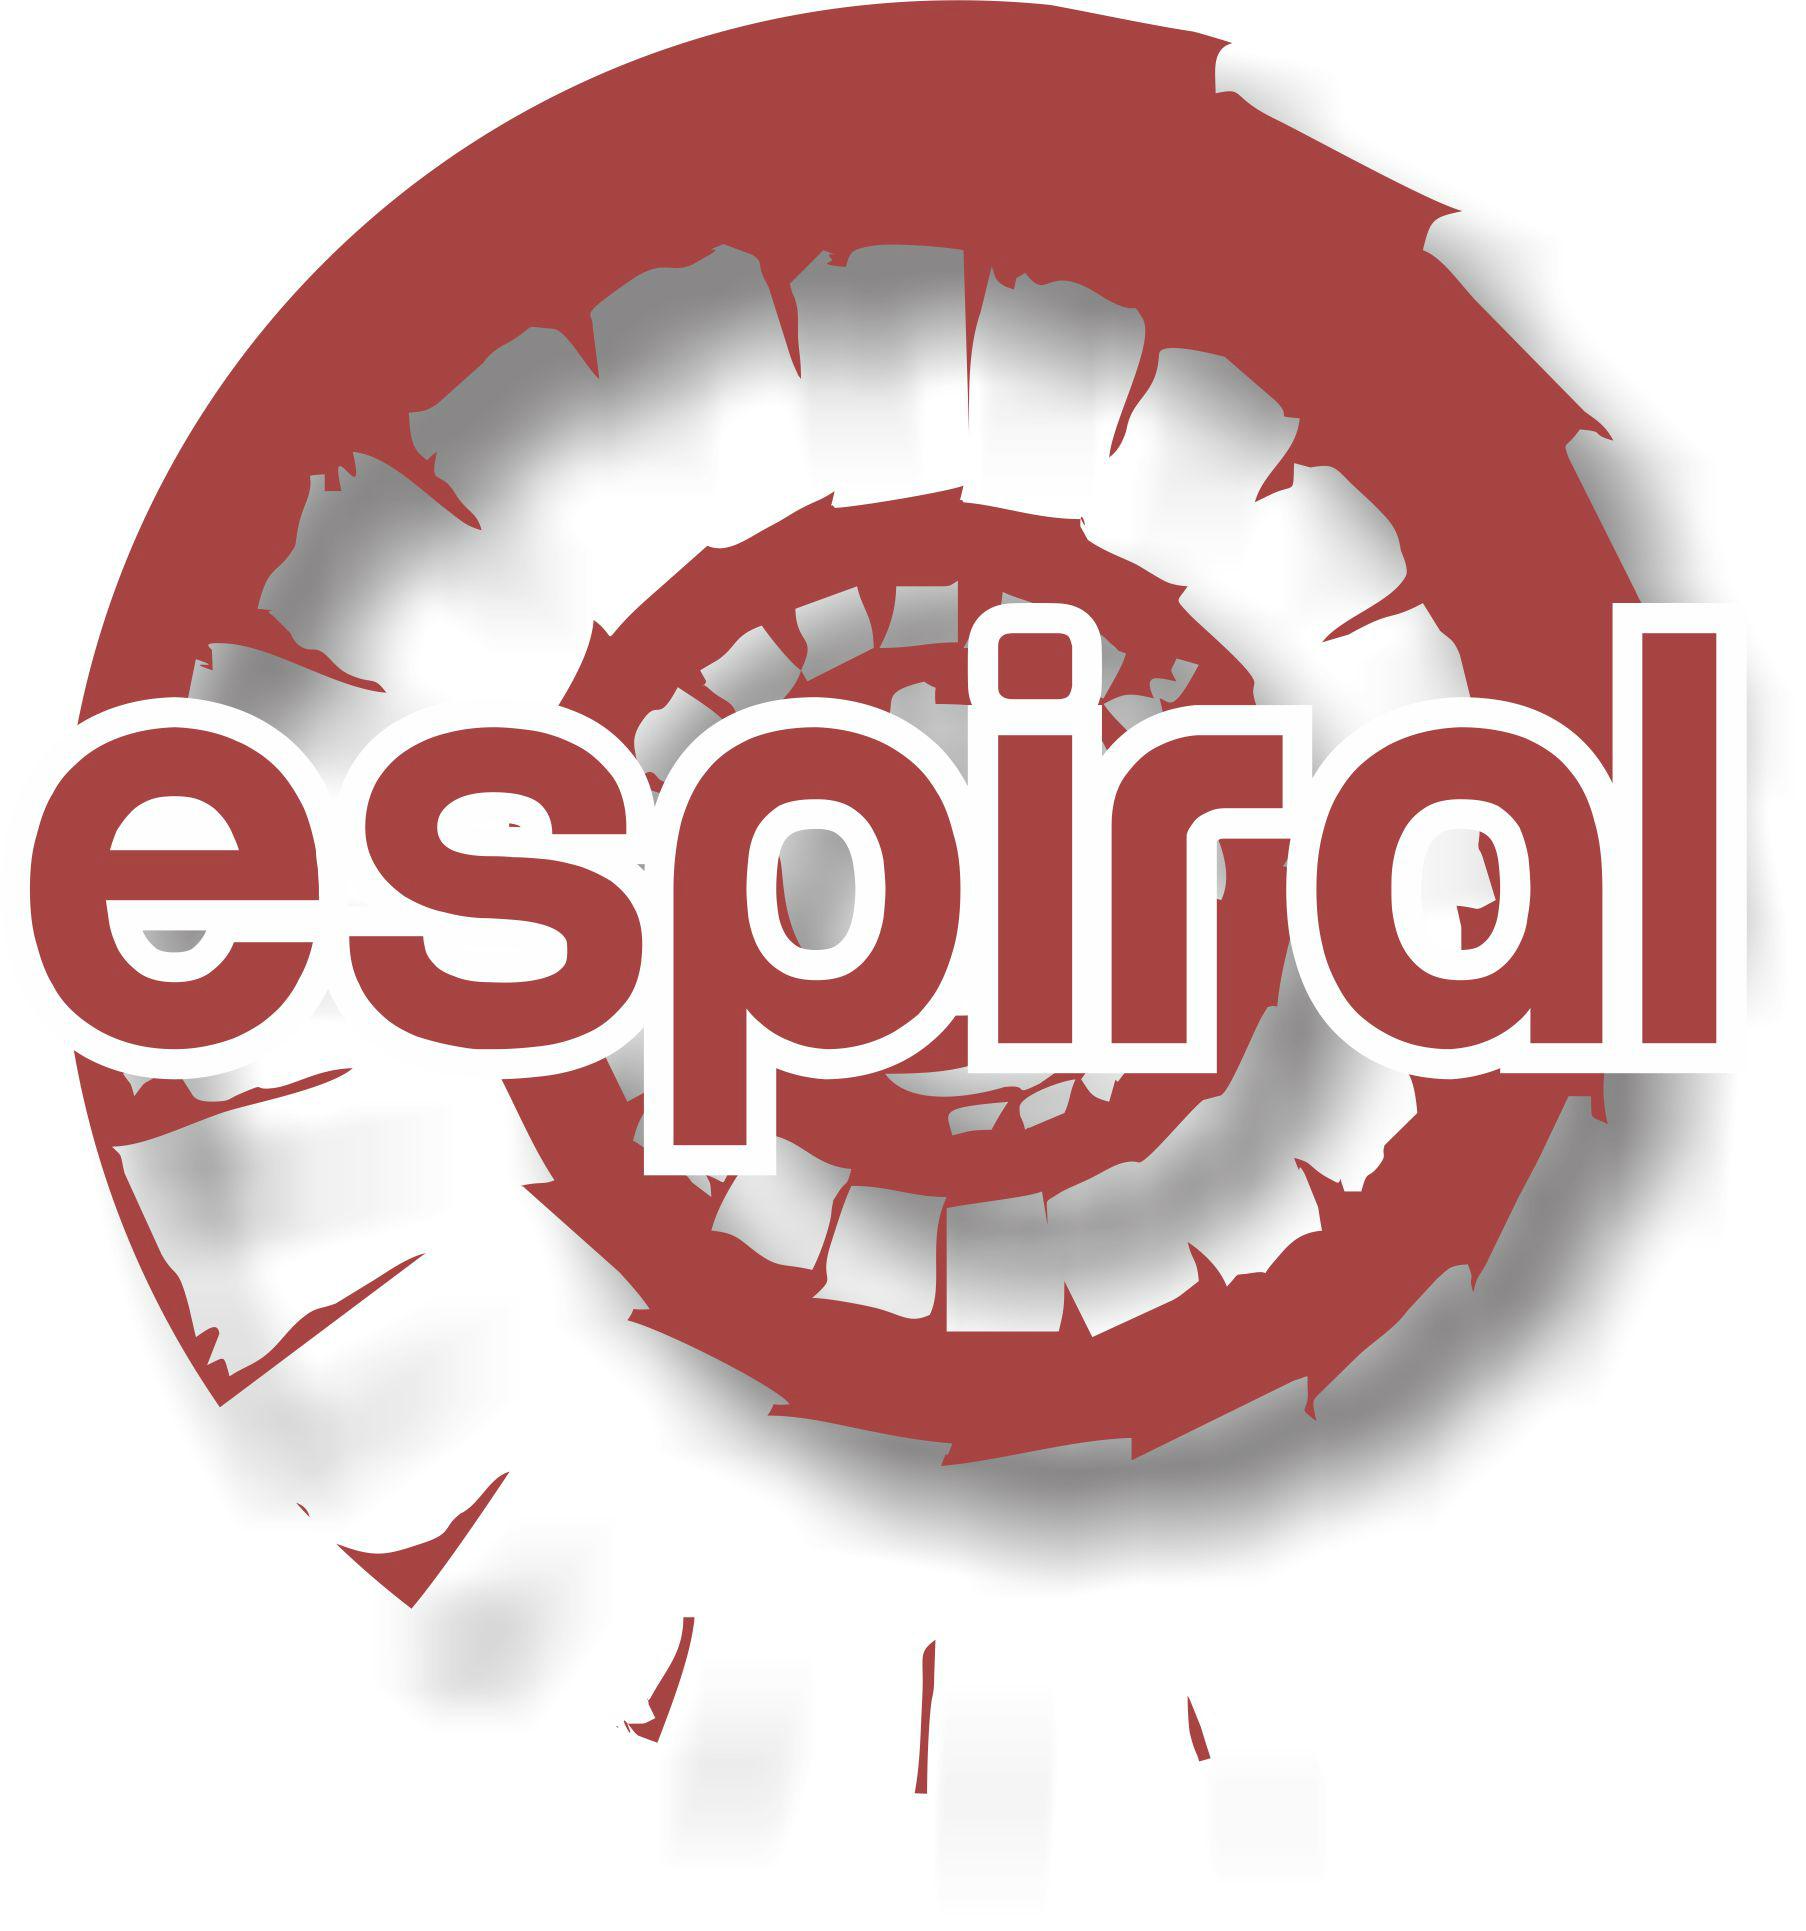 Espiral Restaurante